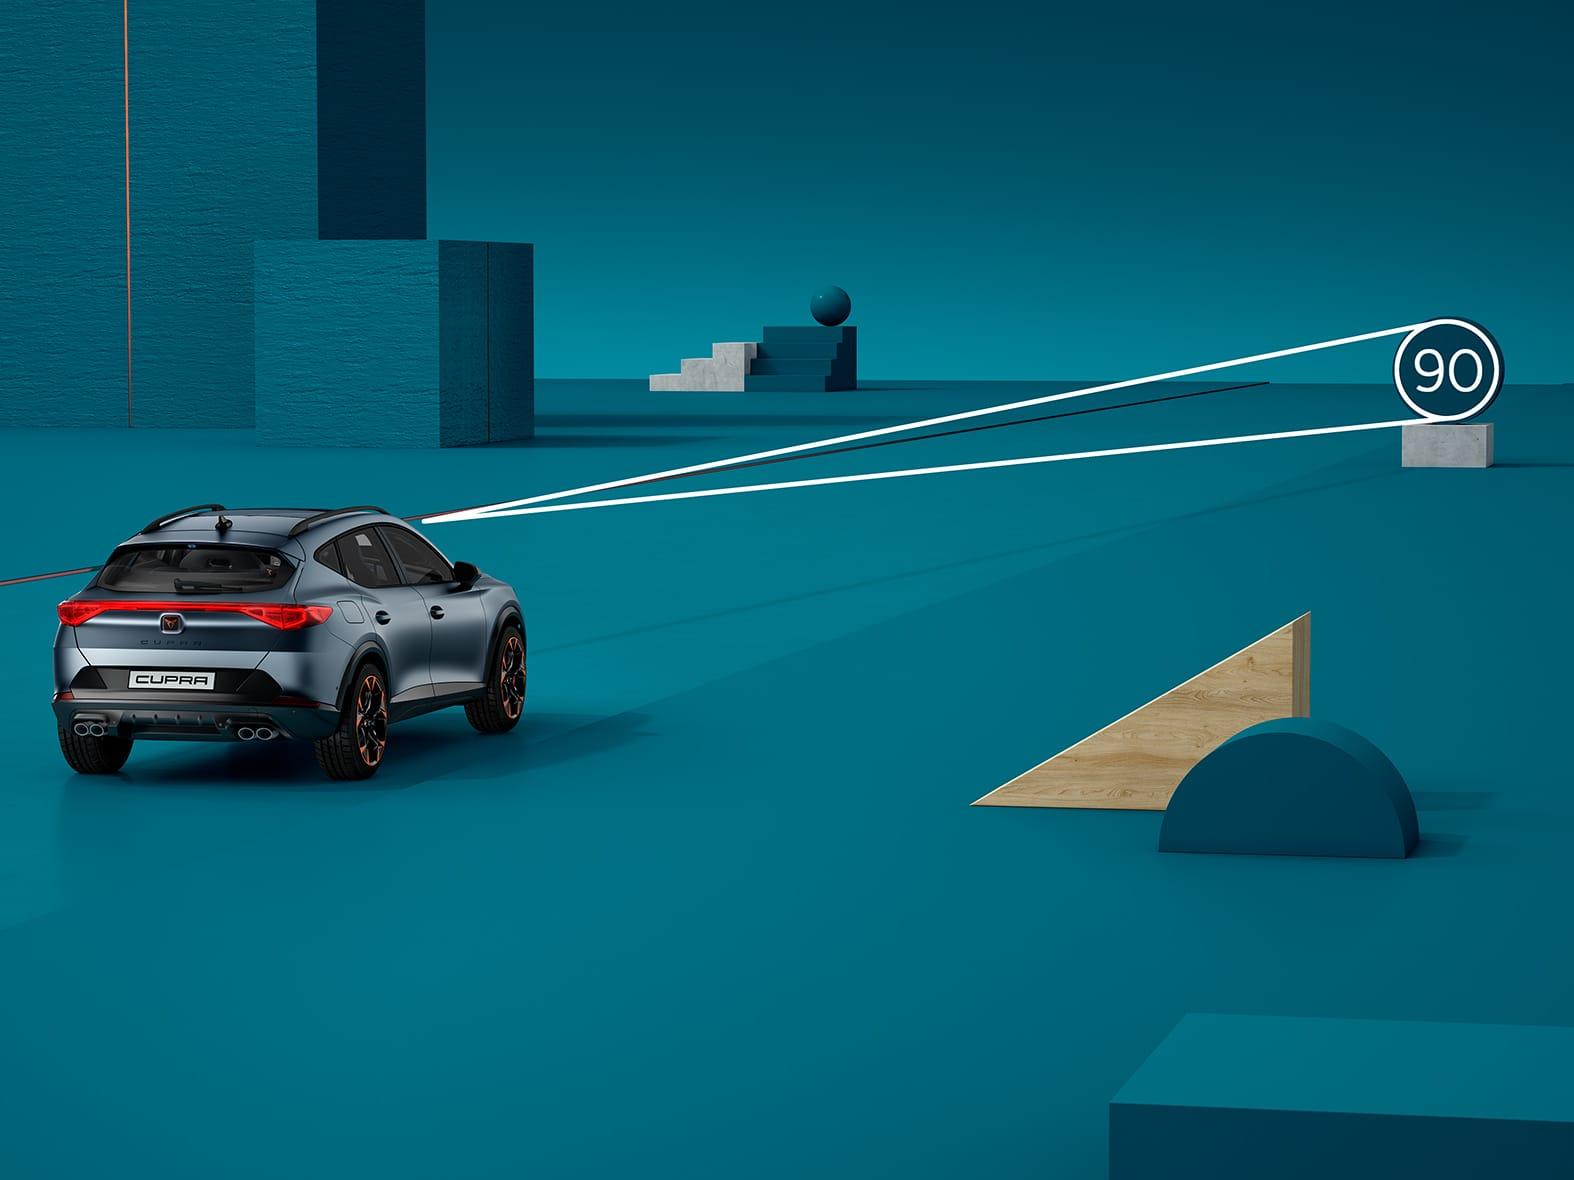 Neuer CUPRA Leon eHybrid Fünftürer Kompaktsportwagen mit Sicherheitssystemen wie Verkehrszeichenerkennung